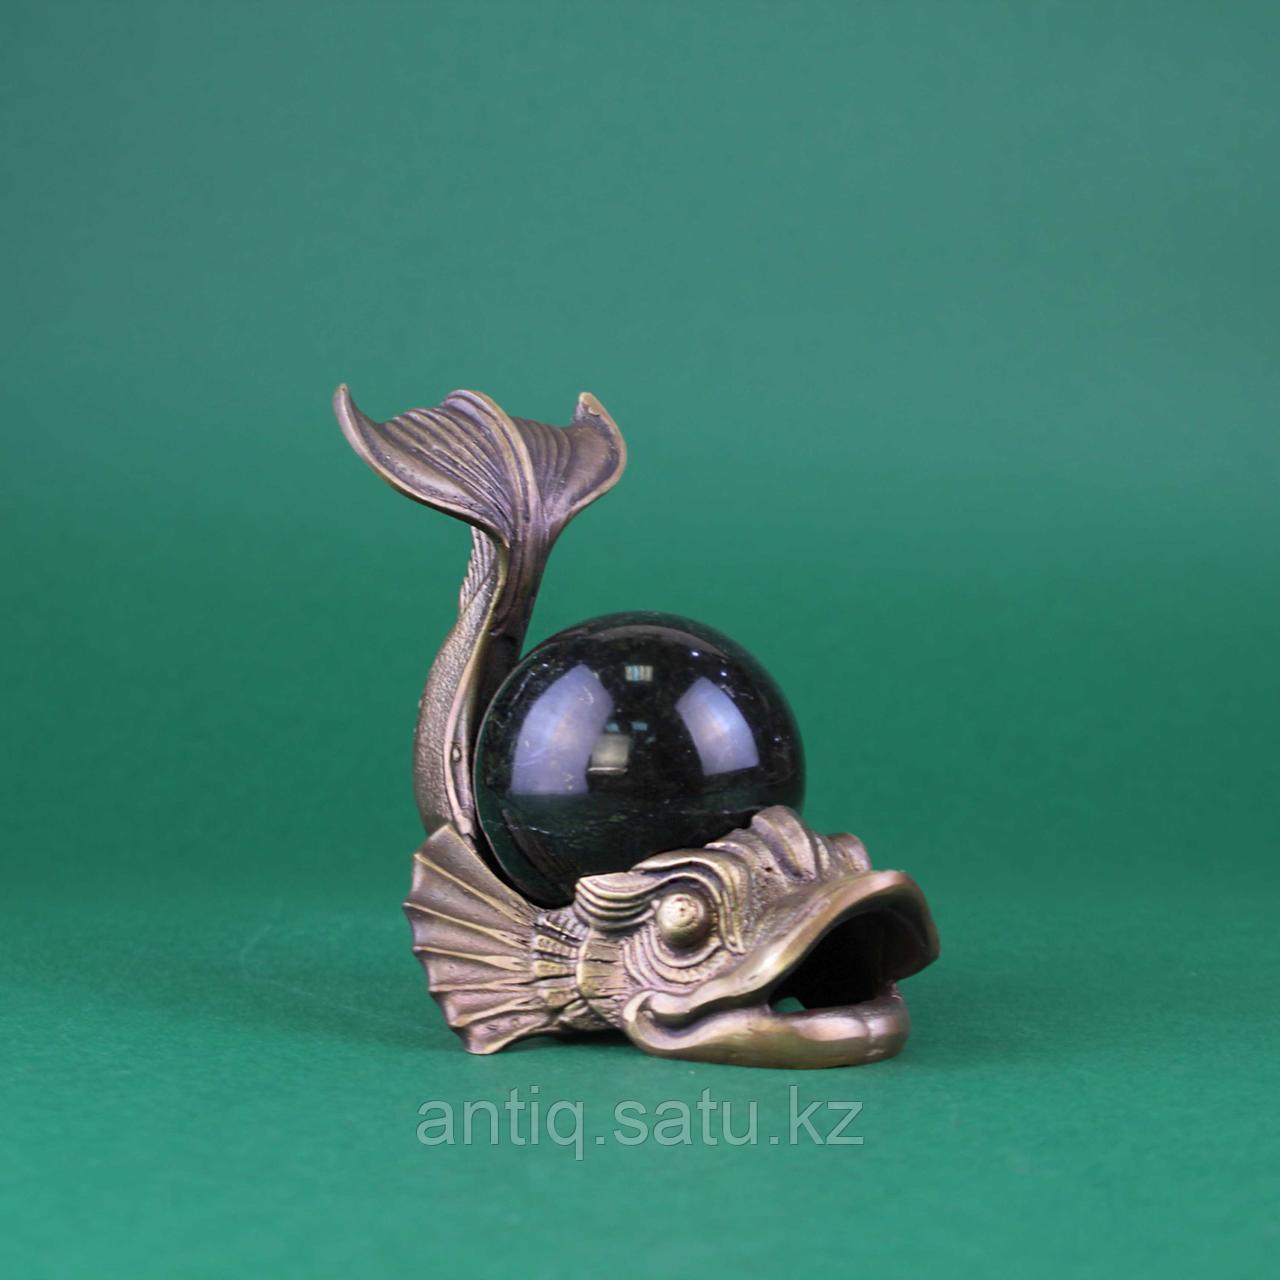 Рыба с шаром из камня. Бронза, литье, шар из натурального камня темно зеленого цвета. - фото 2